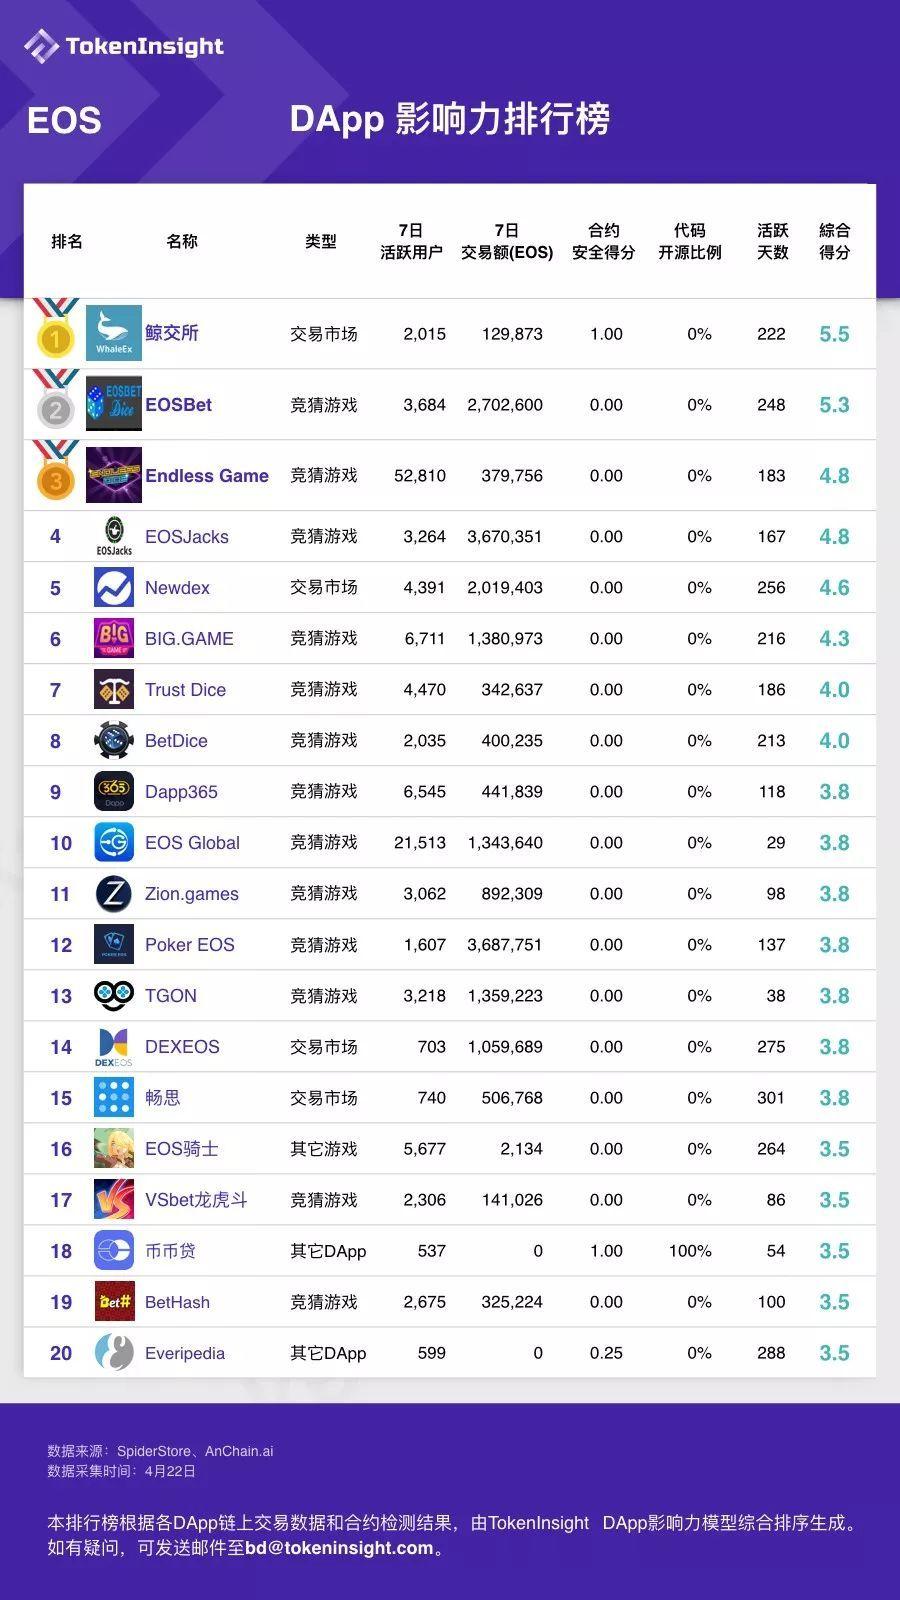 2019年第16周DApp影响力排行榜   TokenInsight